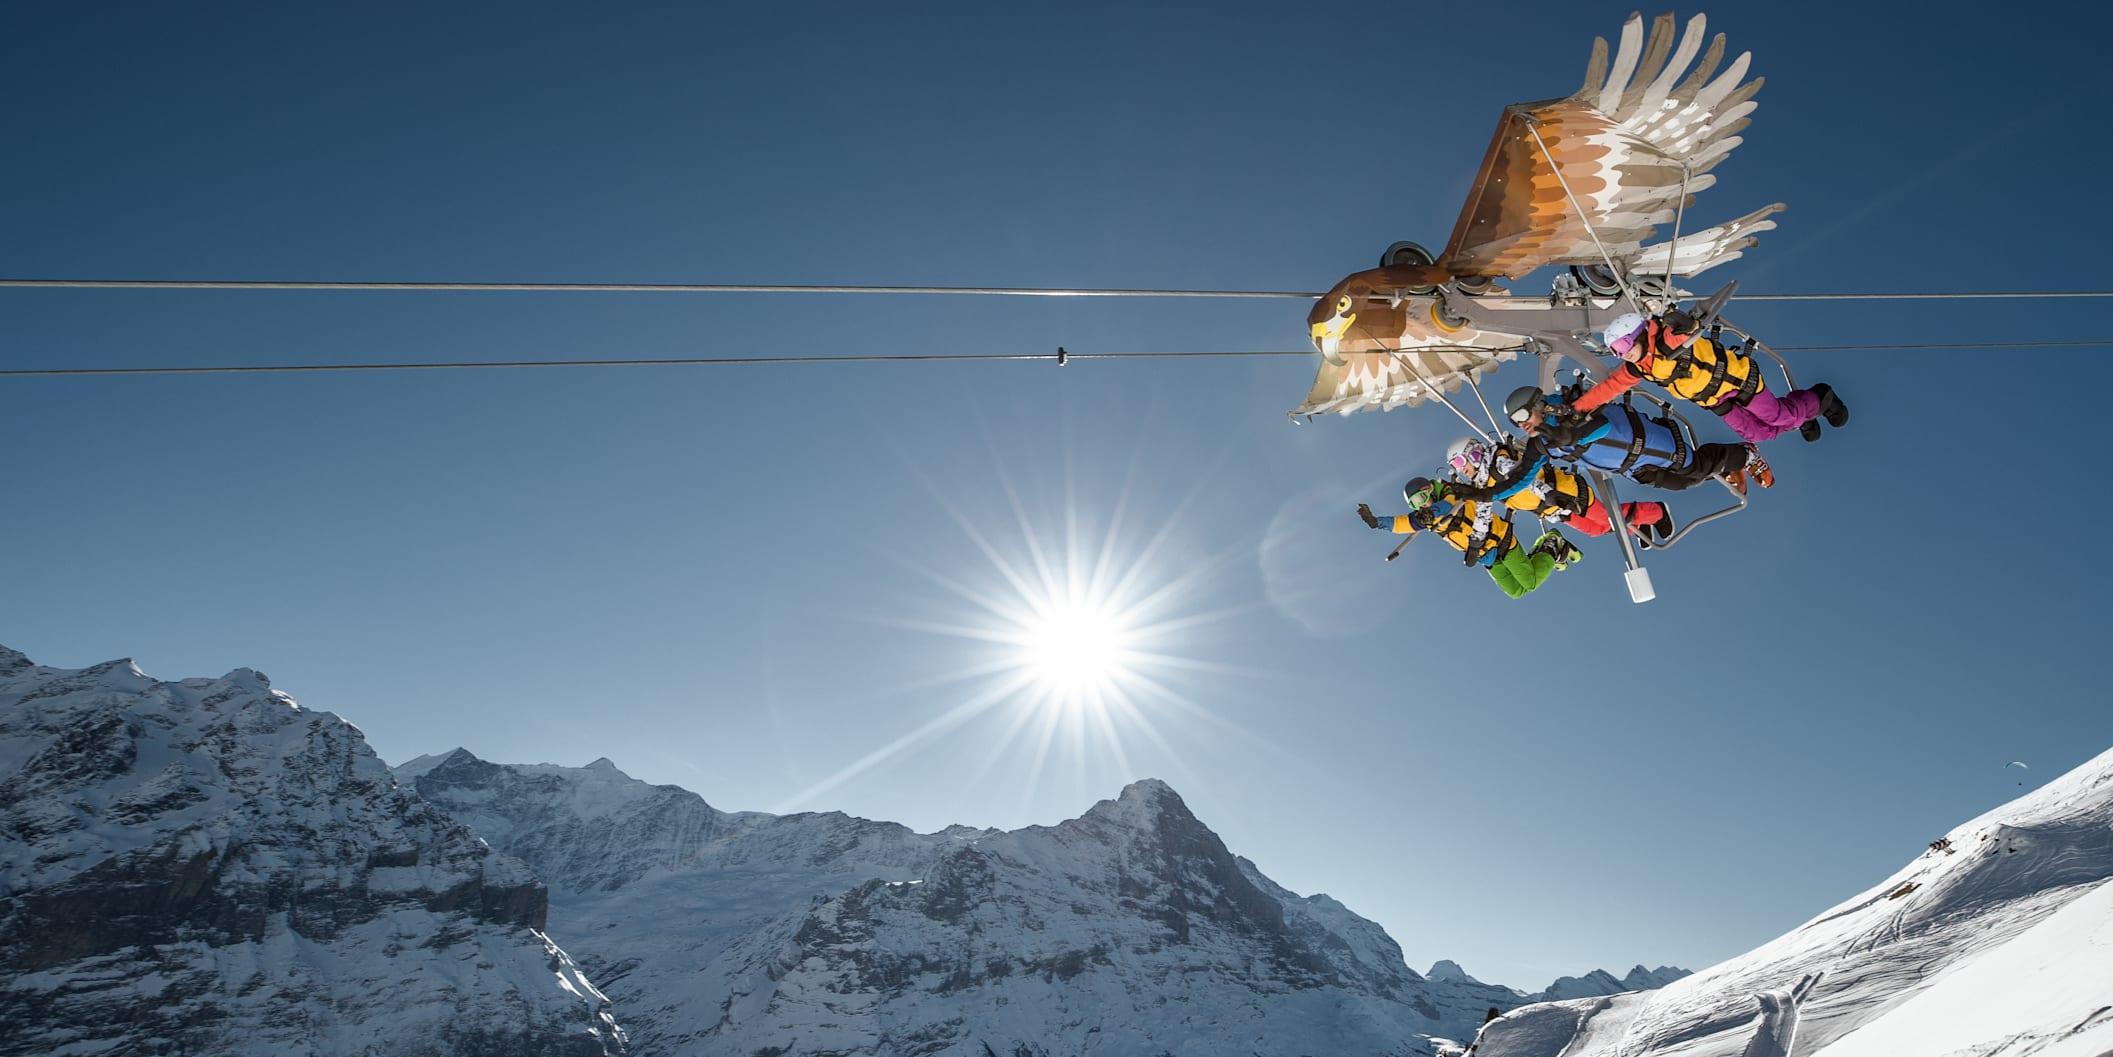 BernerOberland, Erlebnisse-Aktivitaeten, First-Glider, Jahreszeit, Schnee, Schweiz, Skigebiet-Grindelwald-First, Skiresorts, Switzerland, Winter, jungfrau.ch